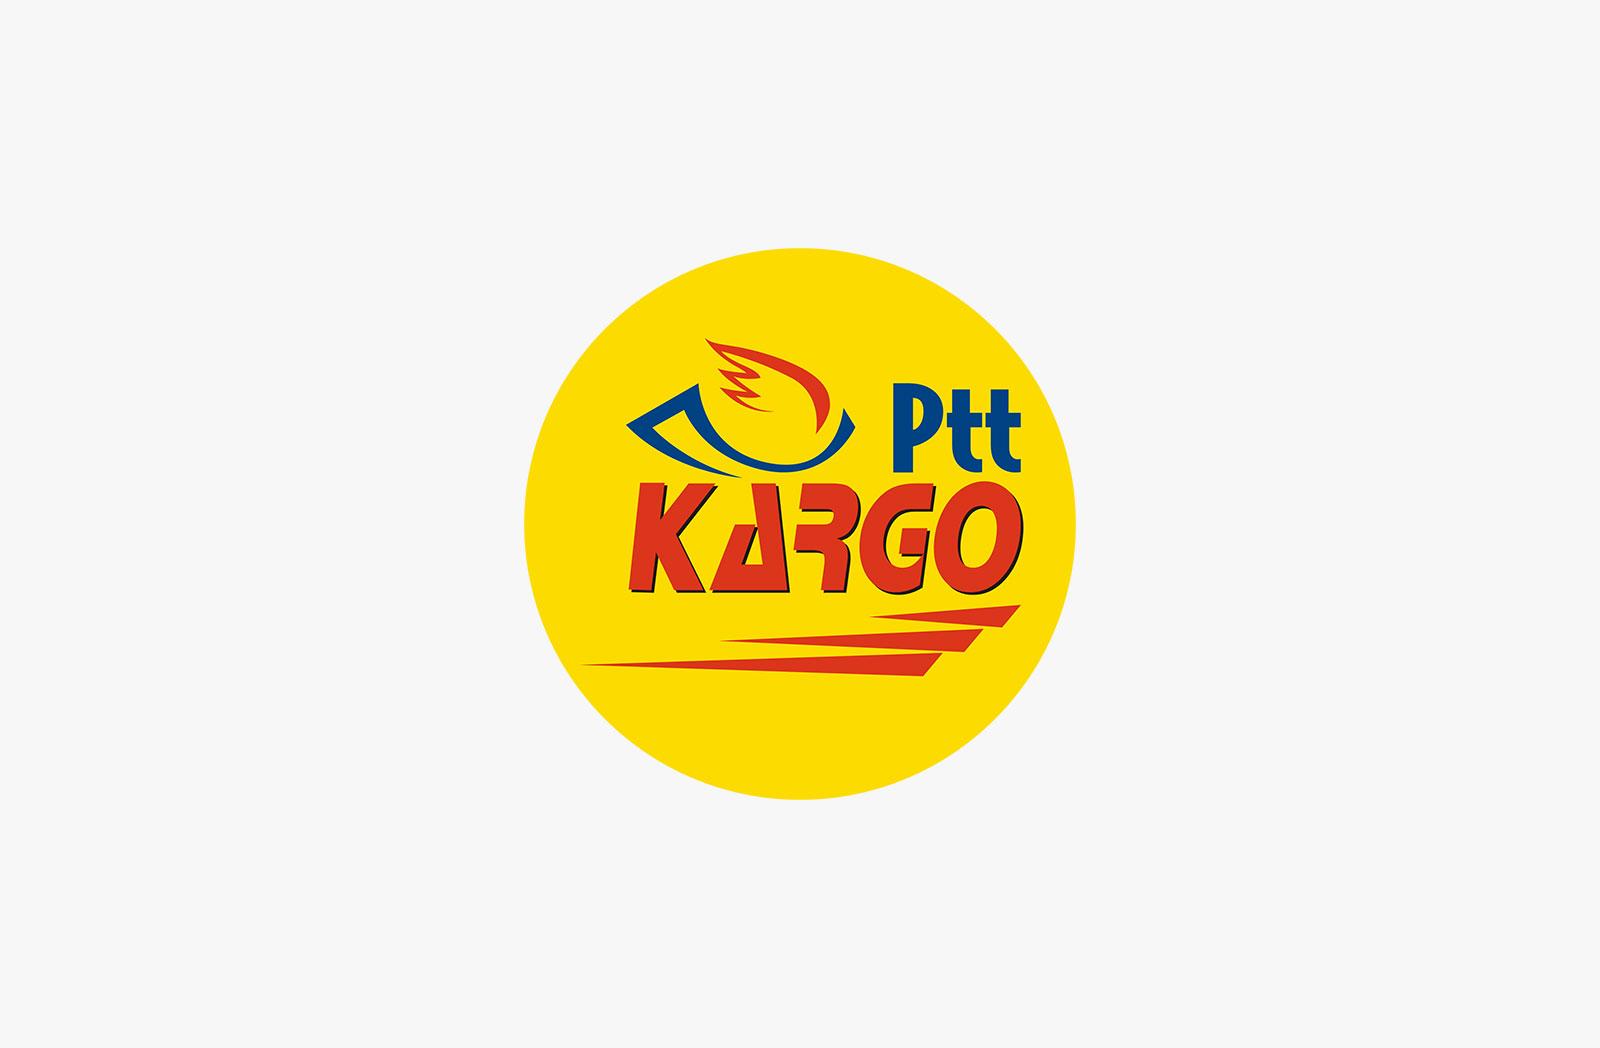 ptt-kargo-entegrasyon